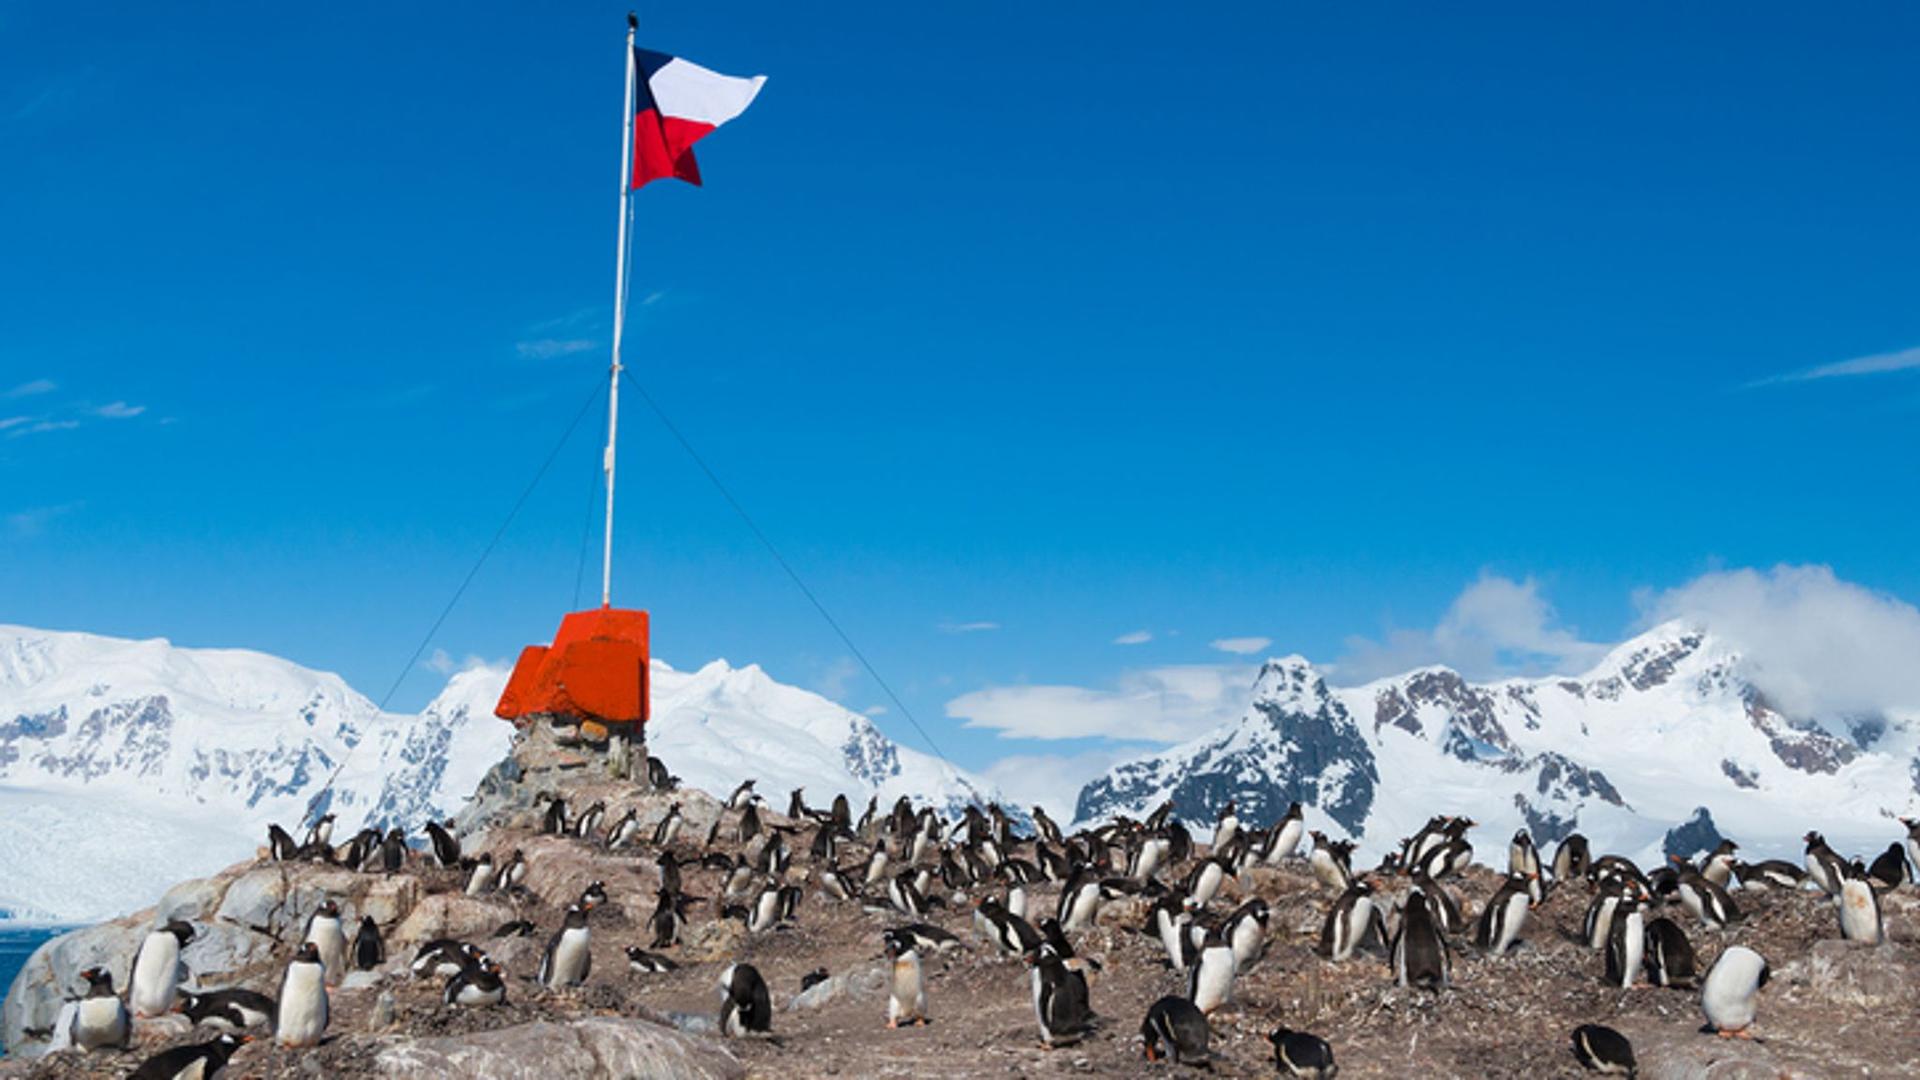 Khám phá Chile với những hành trình như 'không có thật' - 12